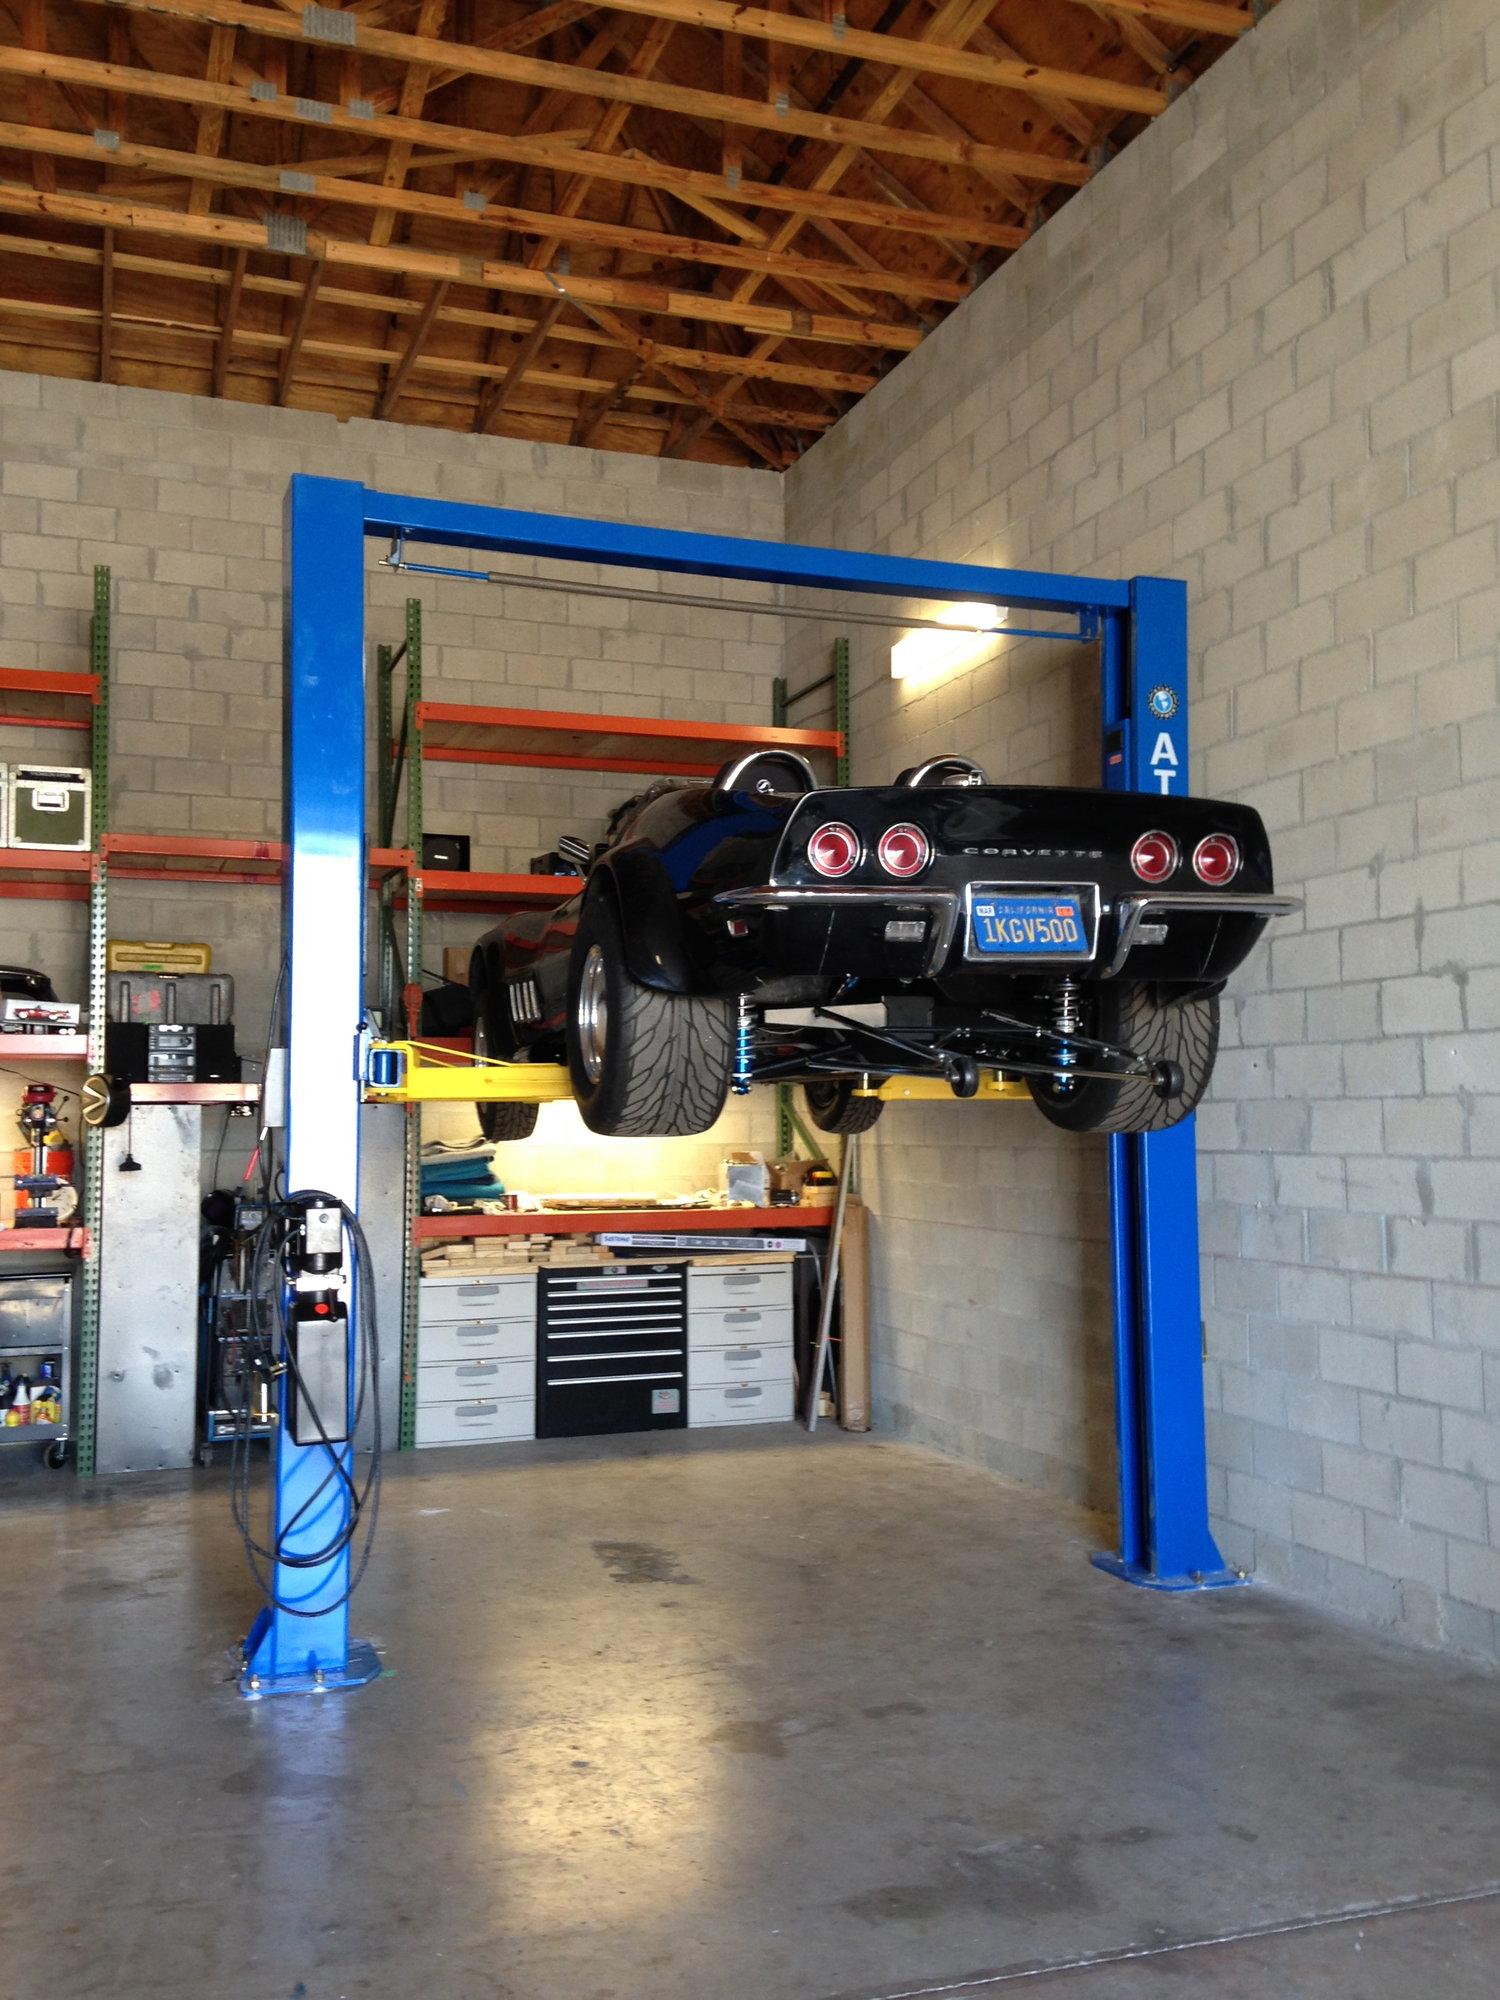 2 post lift - CorvetteForum - Chevrolet Corvette Forum